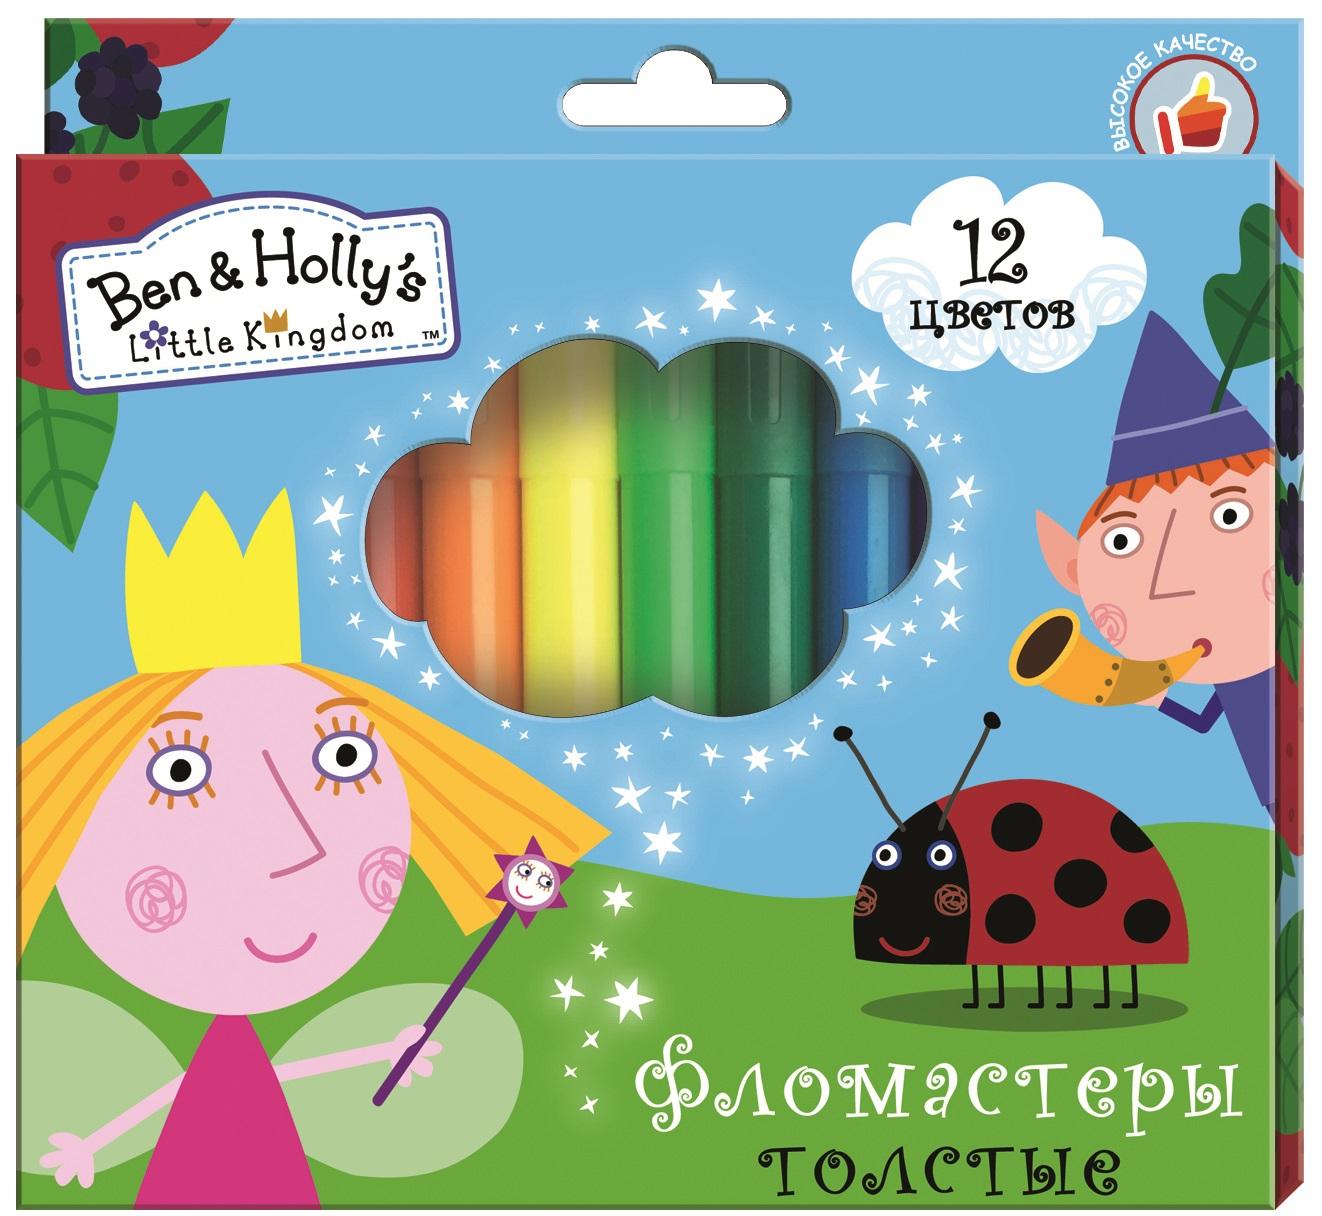 Ben&Holly Набор фломастеров Бен и Холли толстые 12 цветов31694Фломастеры ТМ Бен и Холли предназначены для самых юных художников, которые только учатся их держать в еще непослушных ручках: утолщенная форма корпуса создана специально для маленьких детских пальчиков. Фломастеры, идеально подходящие для раскрашивания и рисования, помогут вашему ребенку создать яркие картинки, а упаковка с любимыми героями будет долгое время радовать малыша. В набор входит 12 разноцветных толстых фломастеров с вентилируемыми колпачками, безопасными для детей.Диаметр корпуса: 1,5 см; длина: 14,5 см.Фломастеры изготовлены из материала, обеспечивающего прочность корпуса и препятствующего испарению чернил, благодаря этому они имеют гарантированно долгий срок службы: корпус не ломается, даже если согнуть фломастер пополам.Состав: ПВХ, пластик, чернила на водной основе.